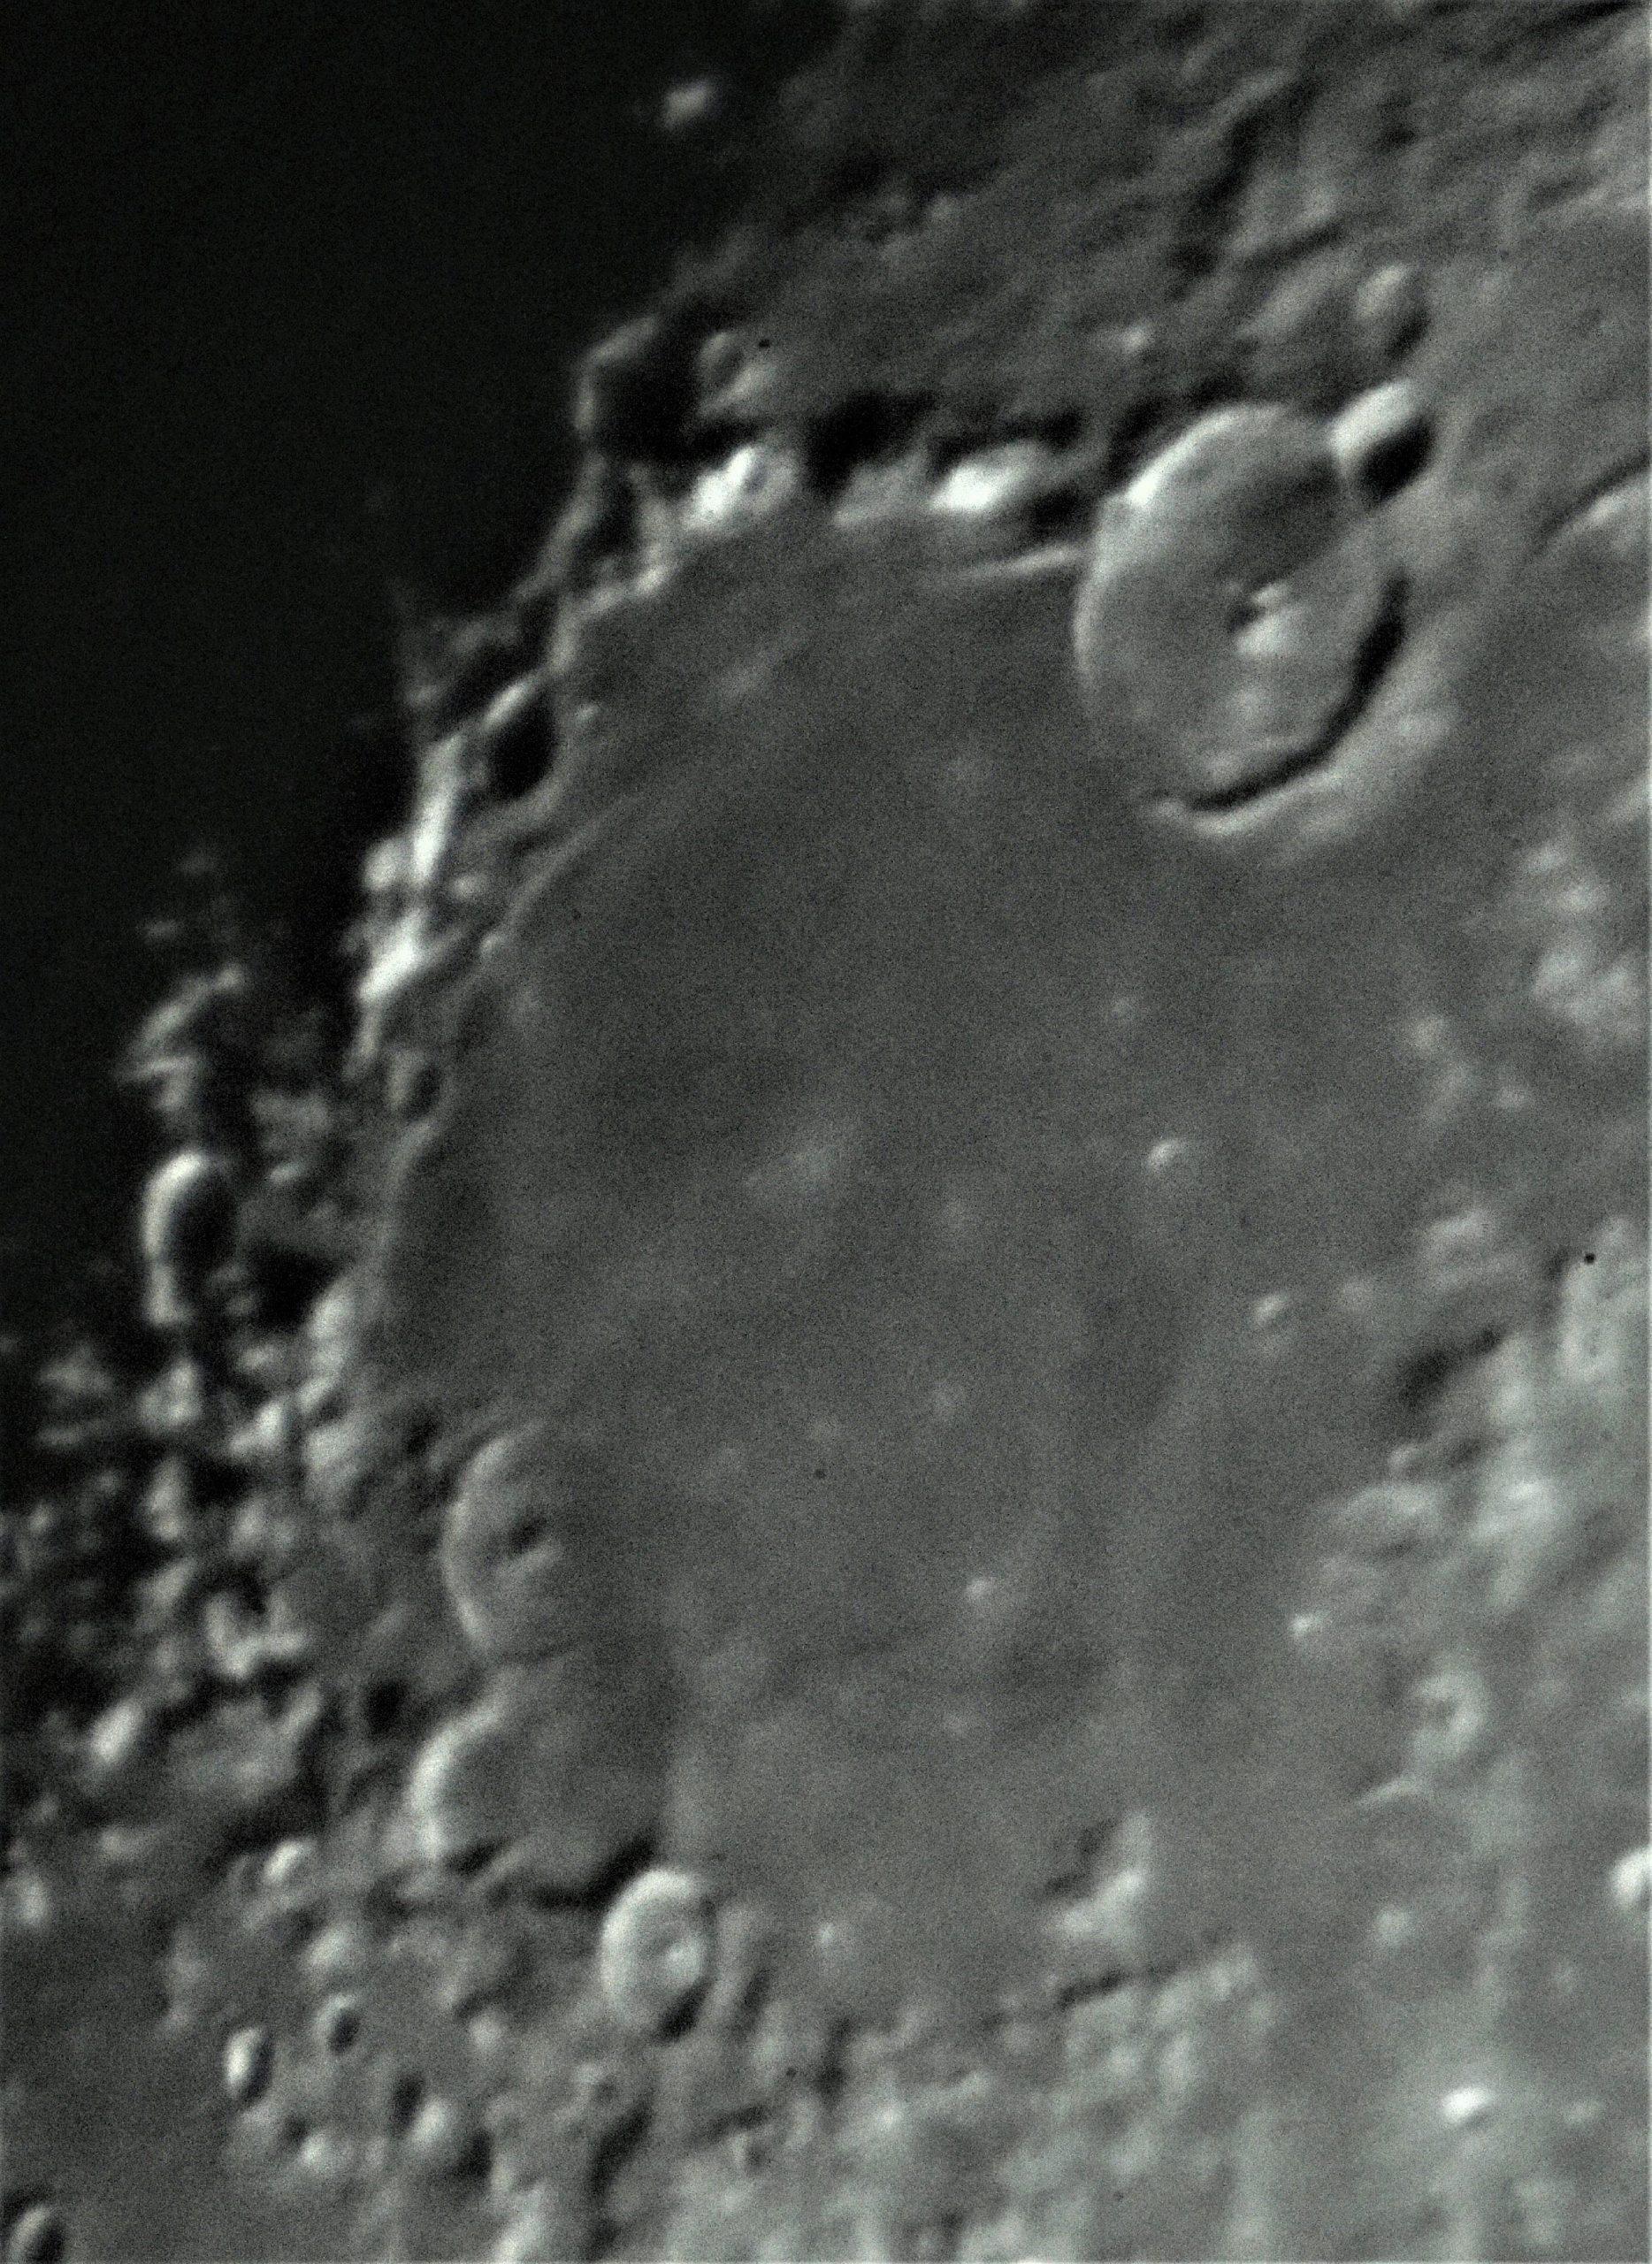 L13 Gassendi Floor-fractured crater (Randall Stevenson)